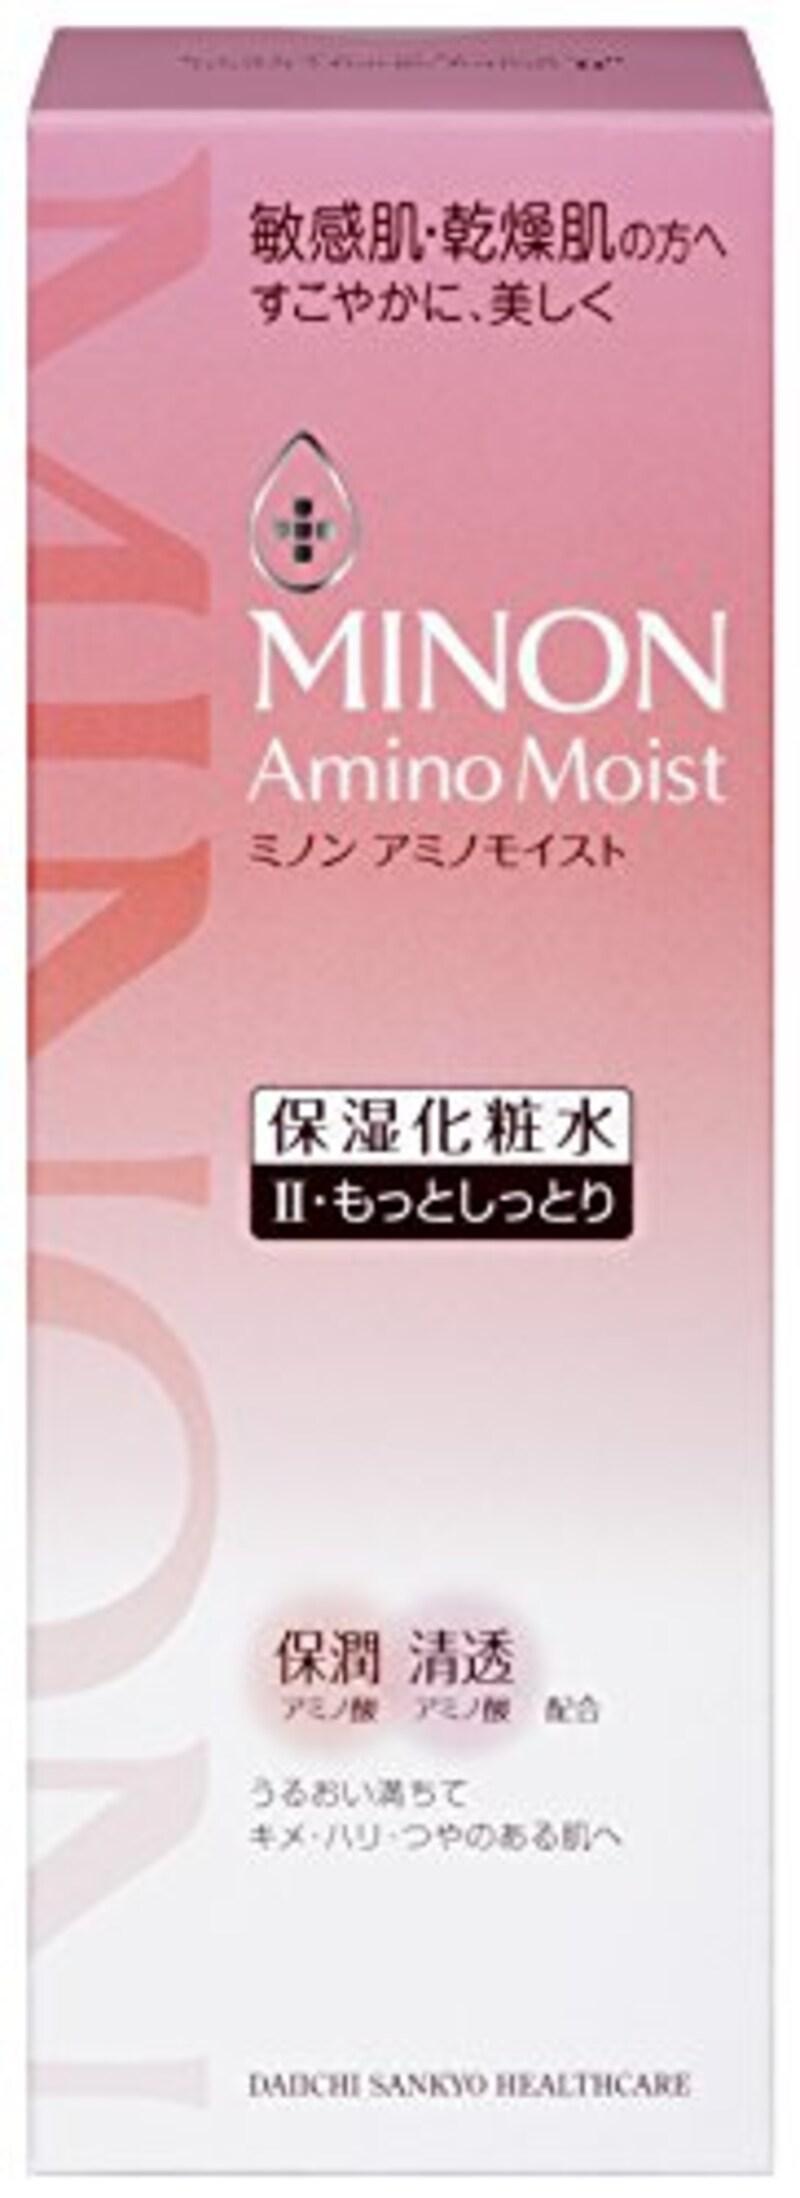 ミノン,アミノモイスト モイストチャージ ローションII